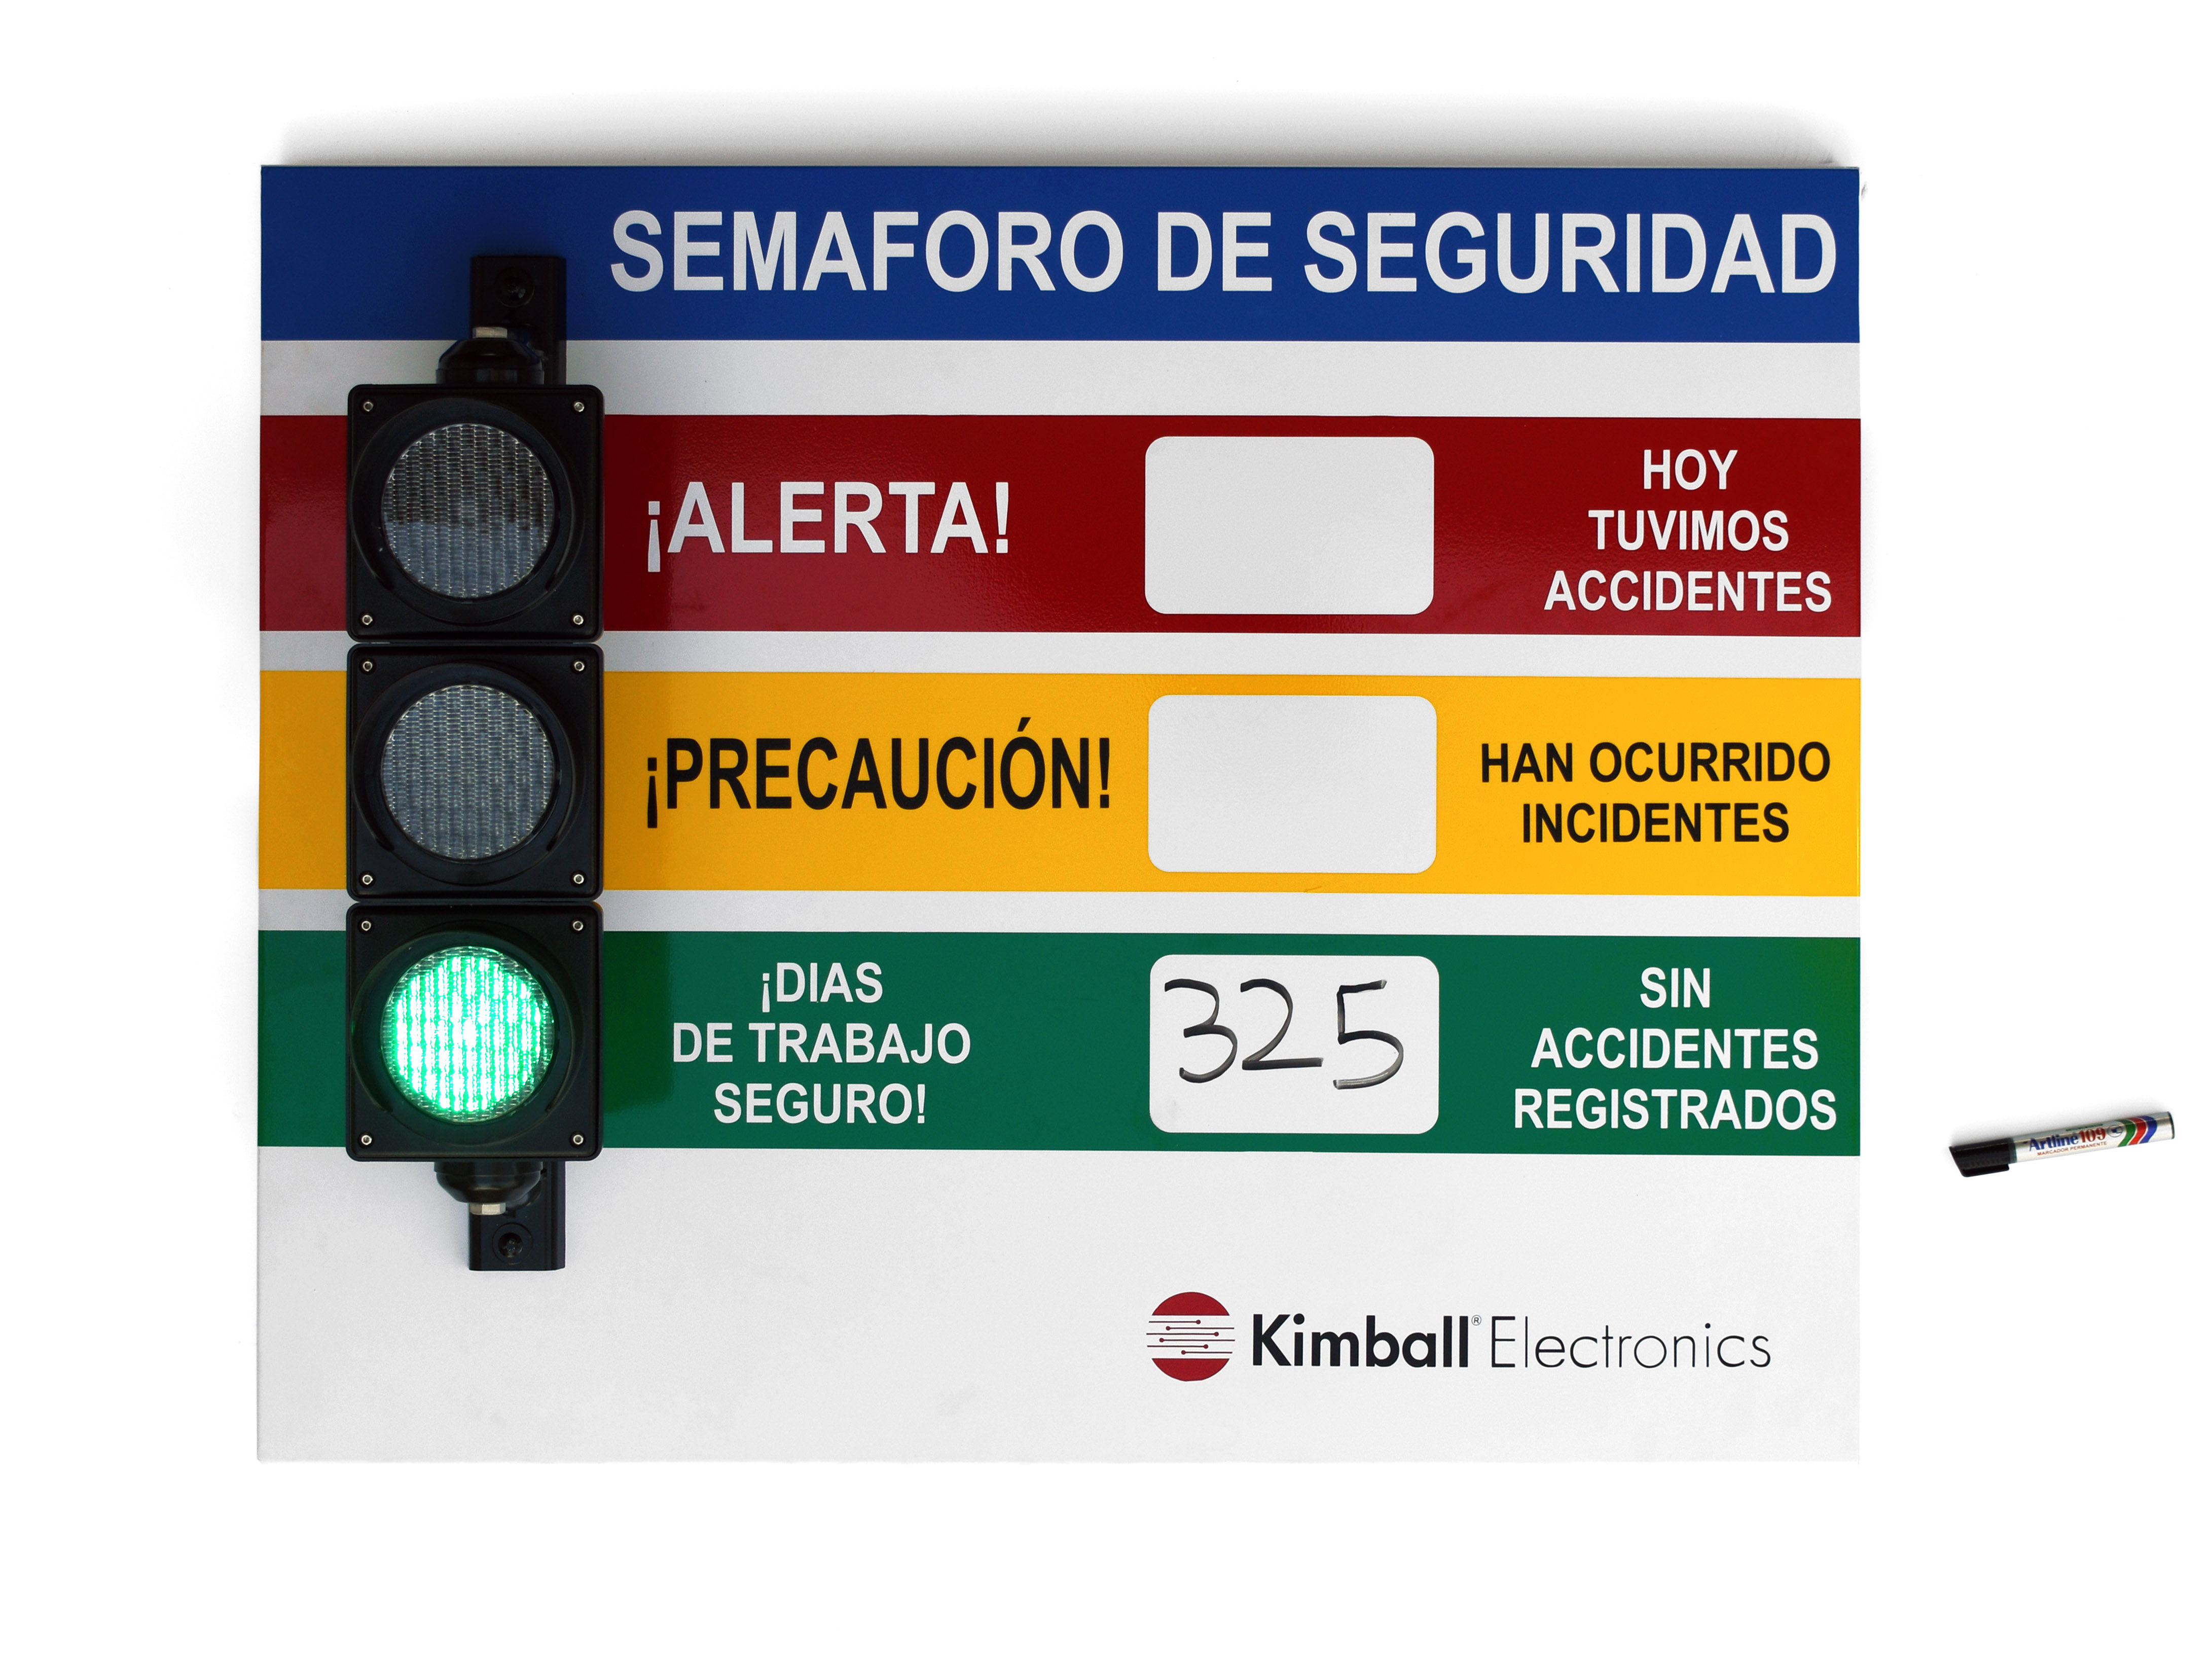 Semáforo de Seguridad